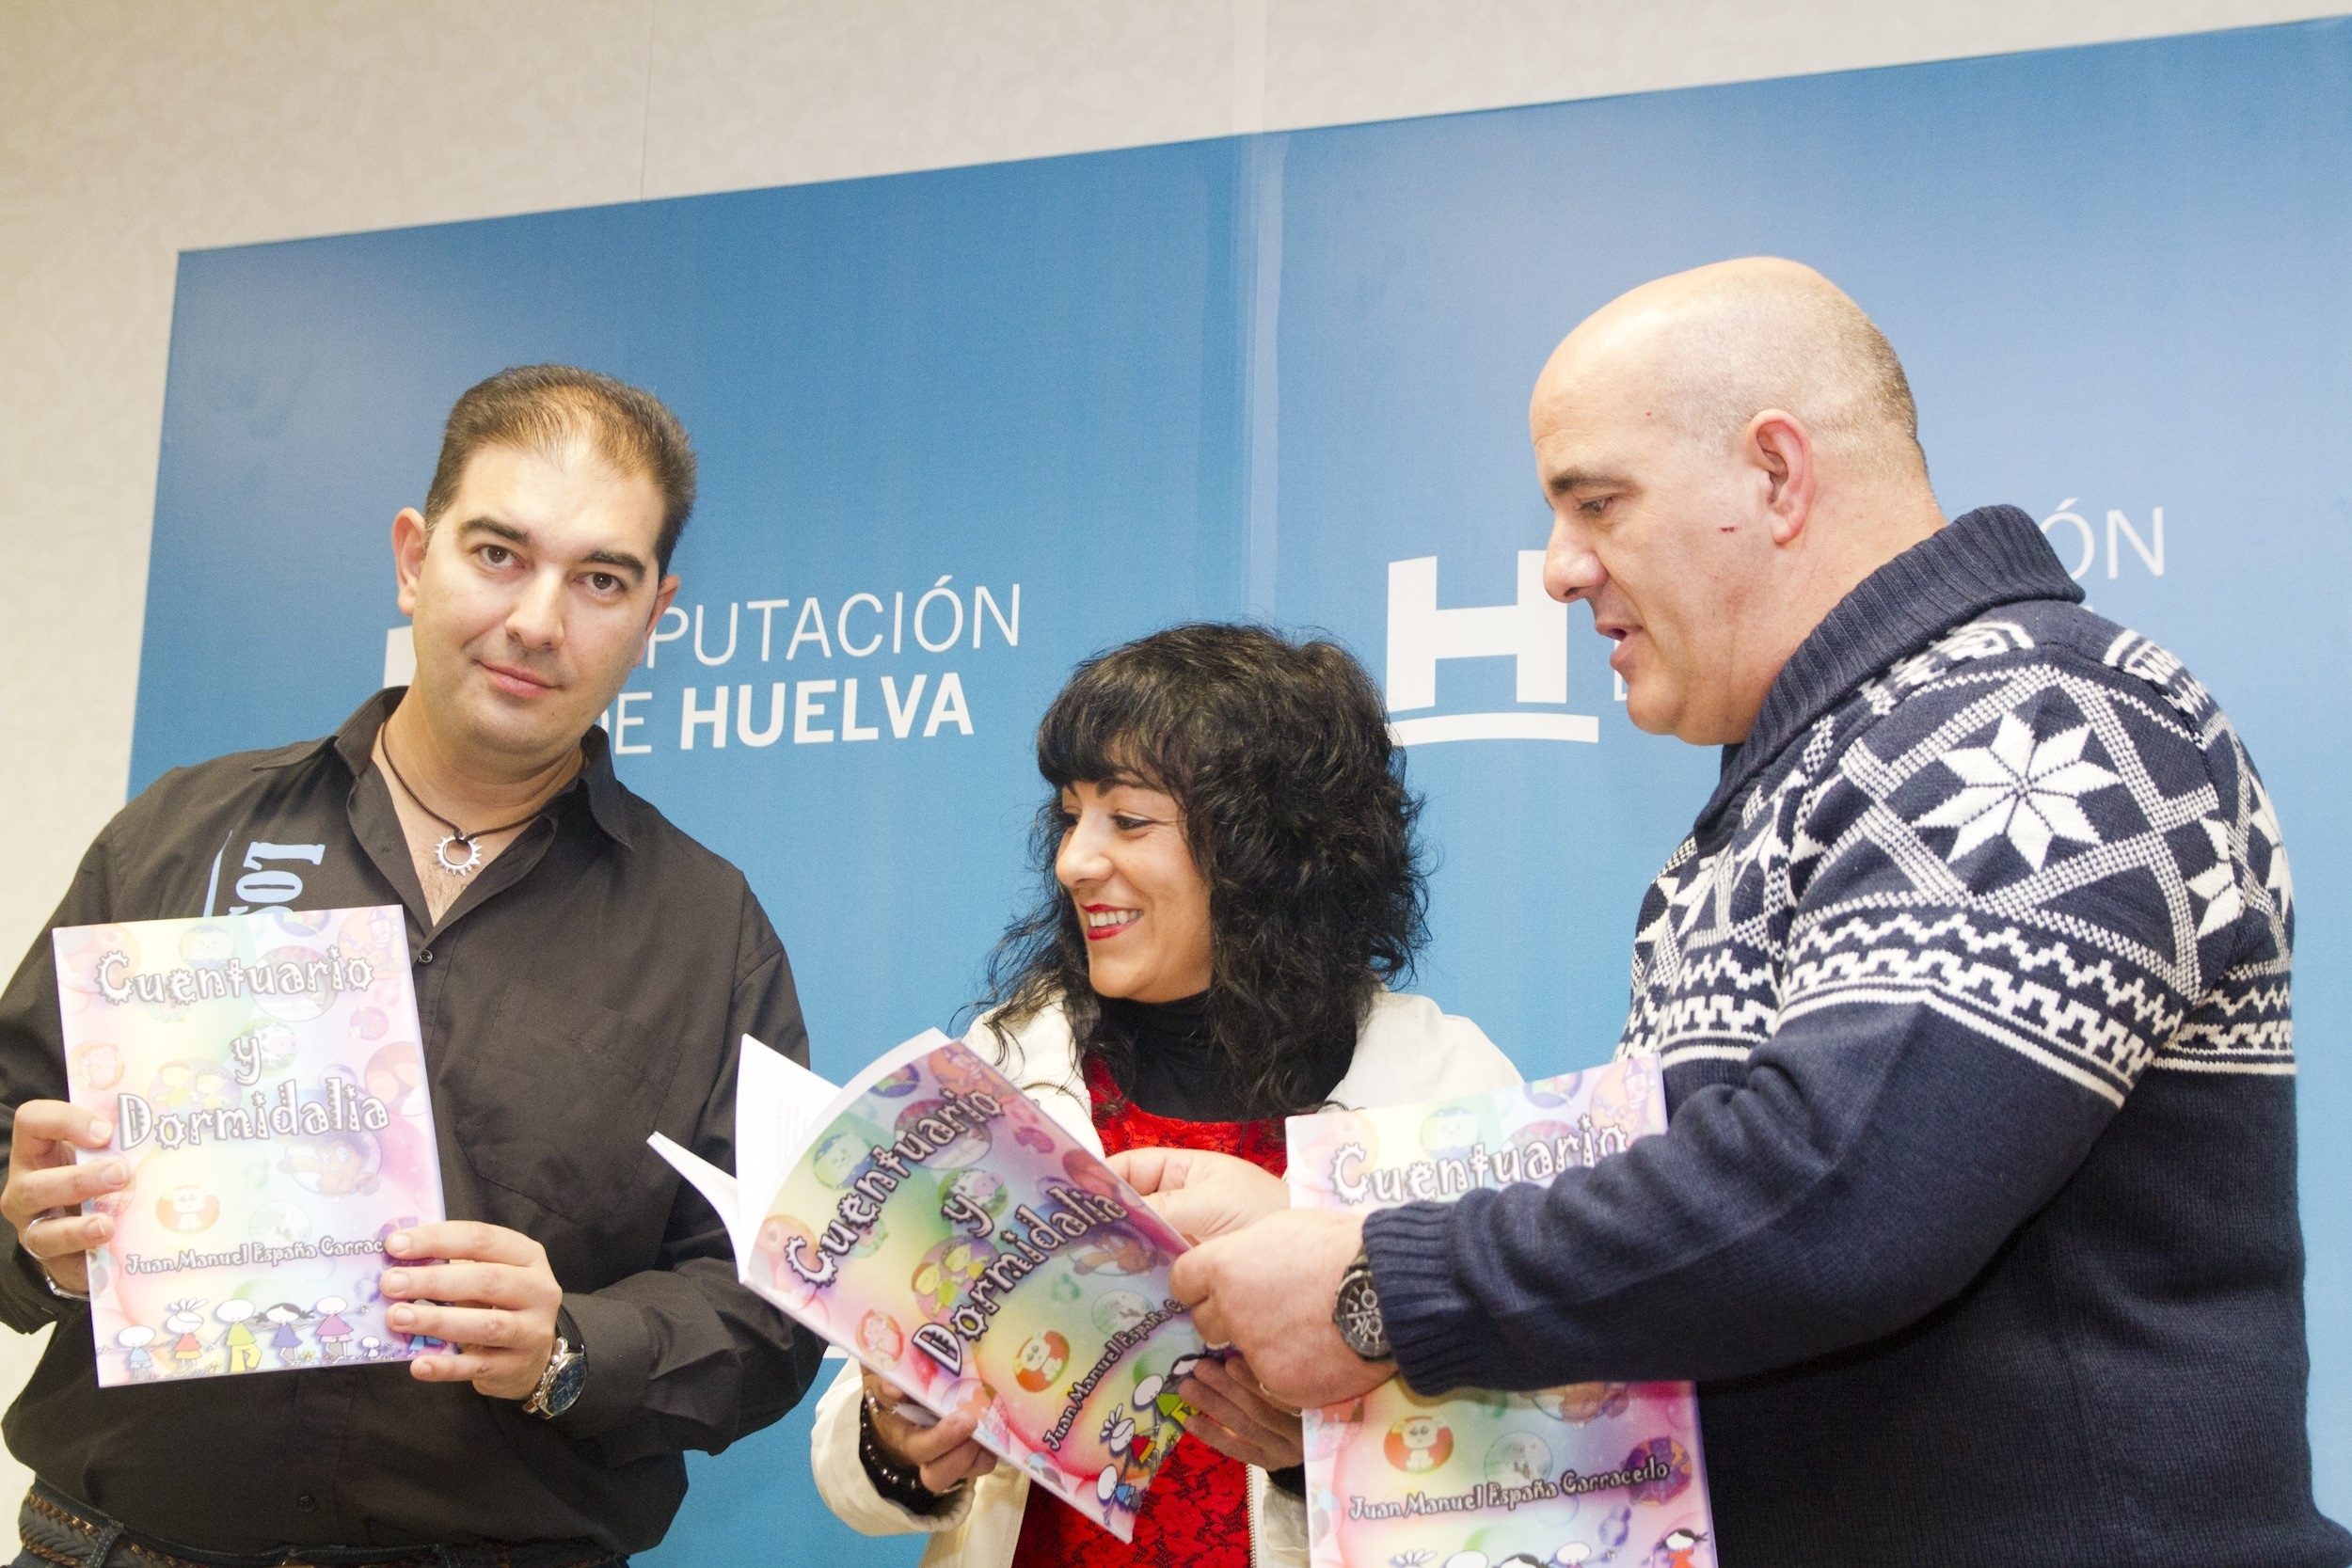 Diputación edita 500 ejemplares del libro infantil »Cuentuario y Dormidalia» con fines benéficos